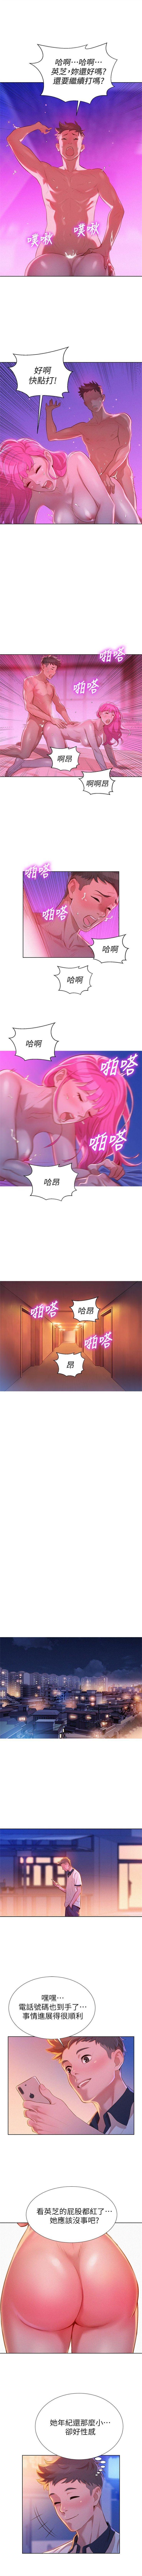 (周7)漂亮干姐姐  1-79 中文翻译 (更新中) 43